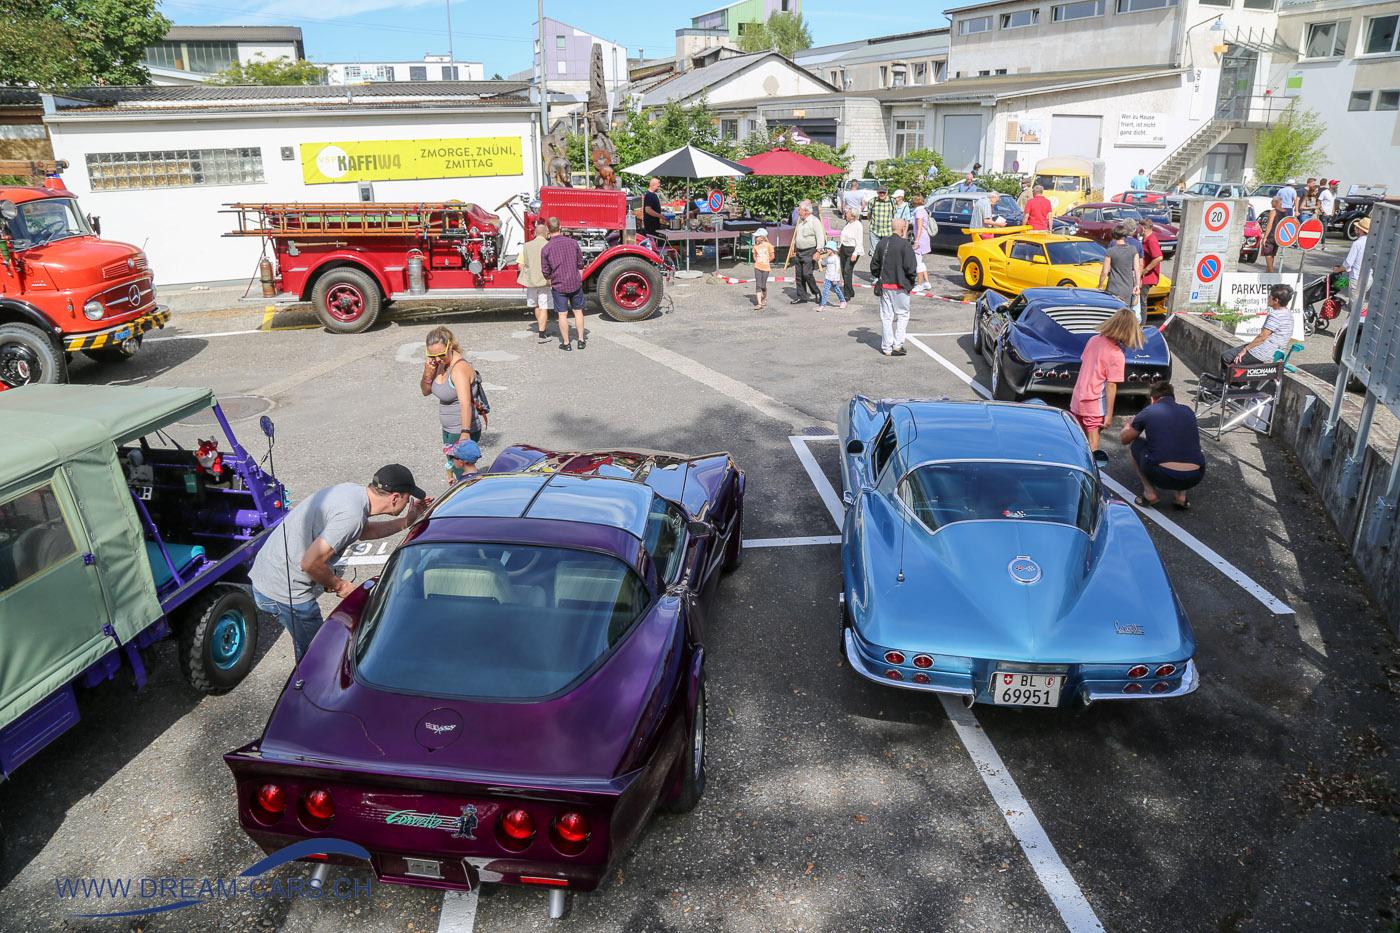 Oldtimer im Walzwerk, Münchenstein, 11. August 2018. Chevrolet Corvette, Haflinger und ein American La France Feuerwehr-Mannschaftswagen